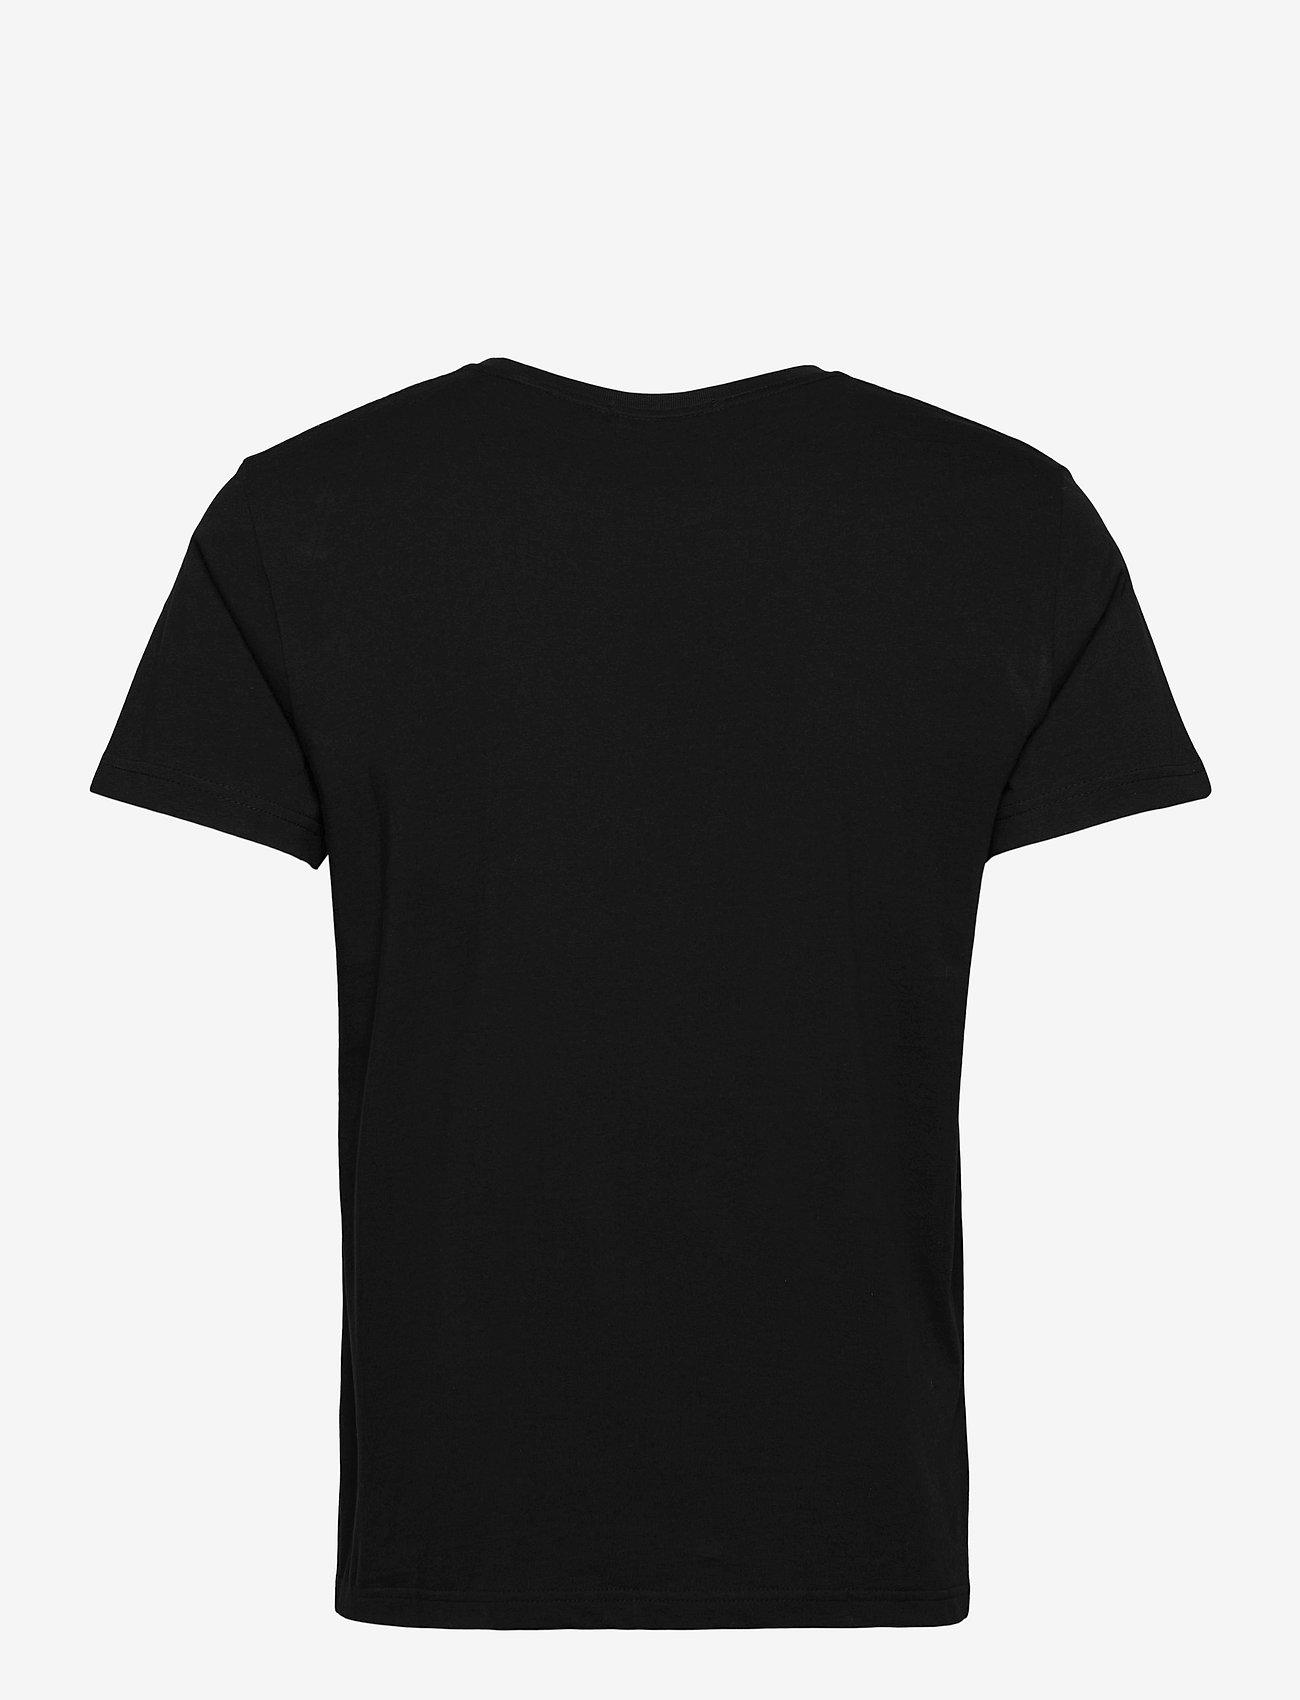 GANT - ORIGINAL SS T-SHIRT - basic t-shirts - black - 1